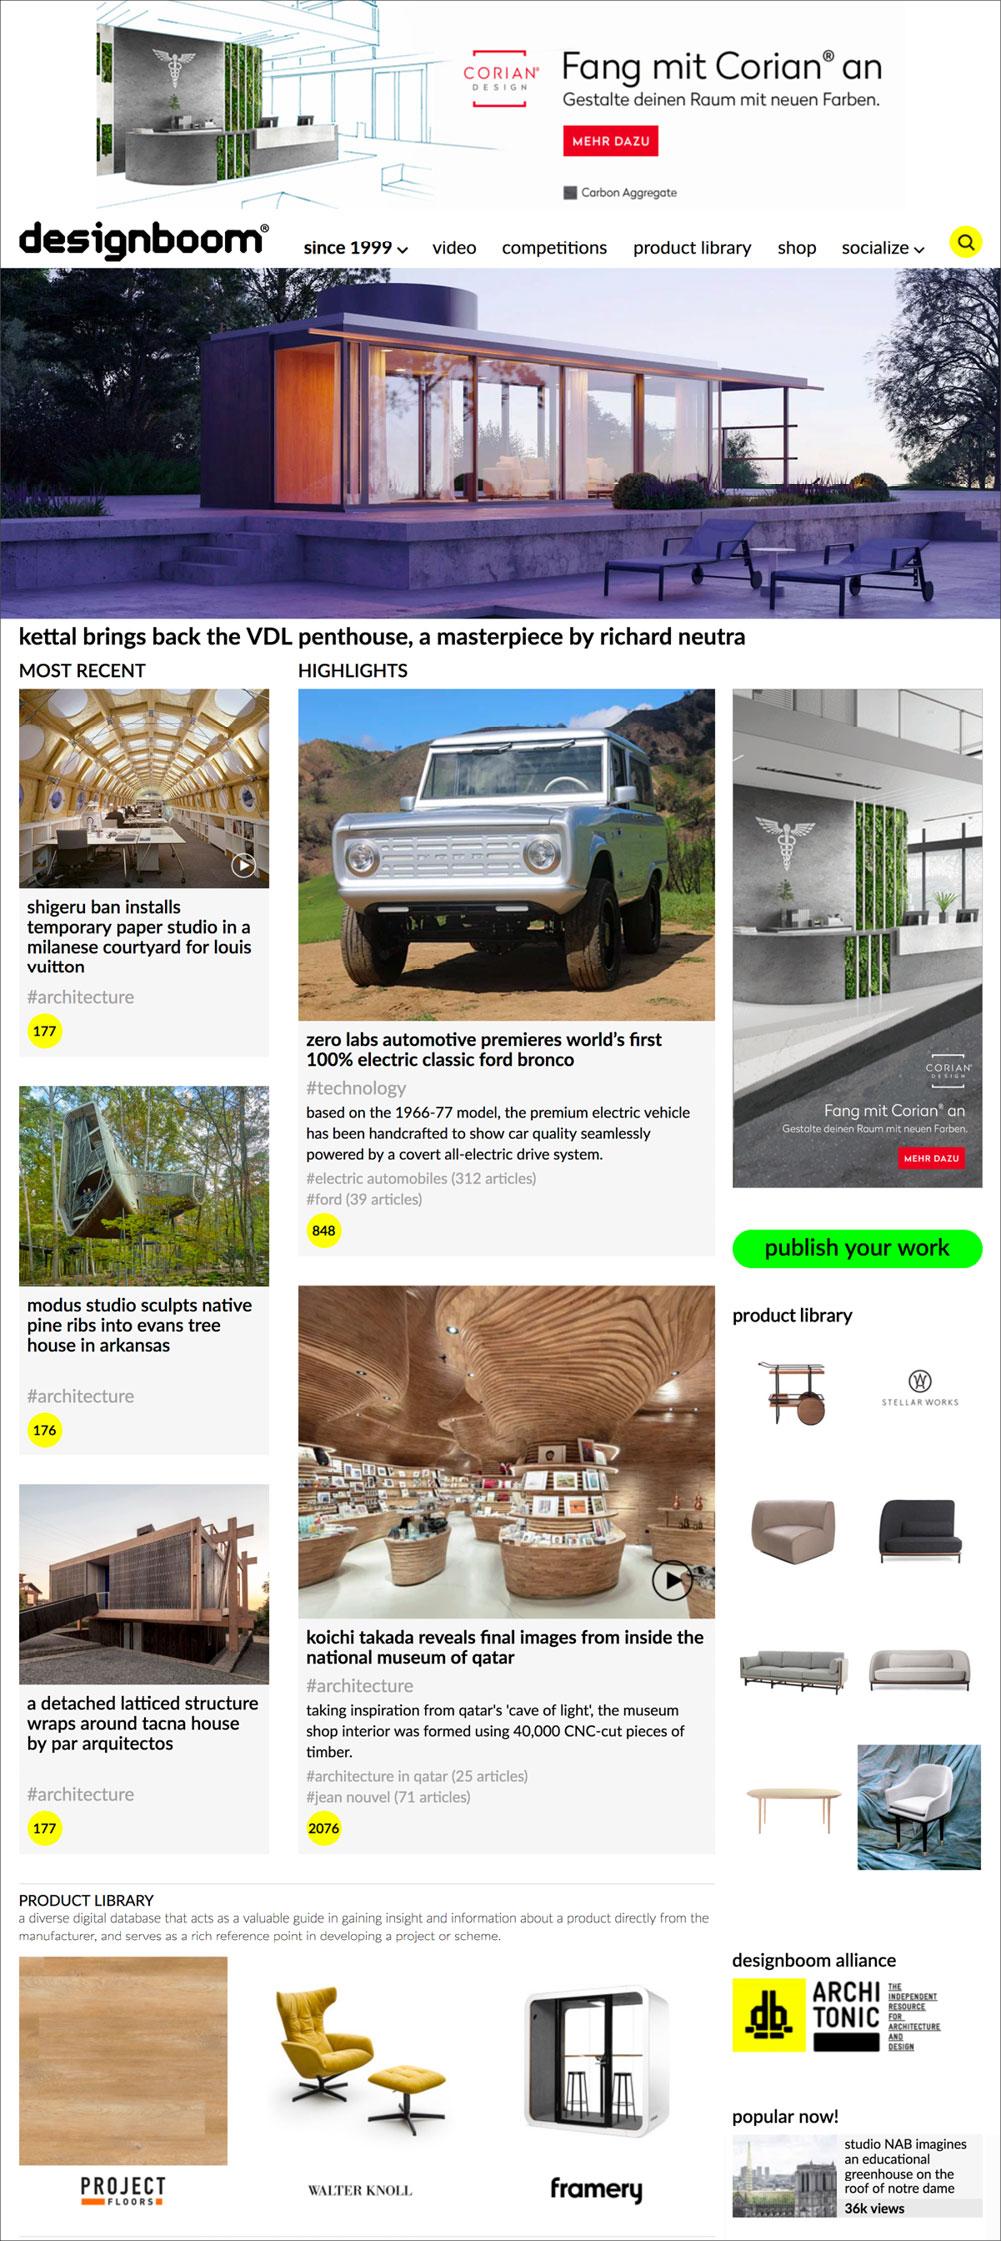 designboom_homepage.jpg